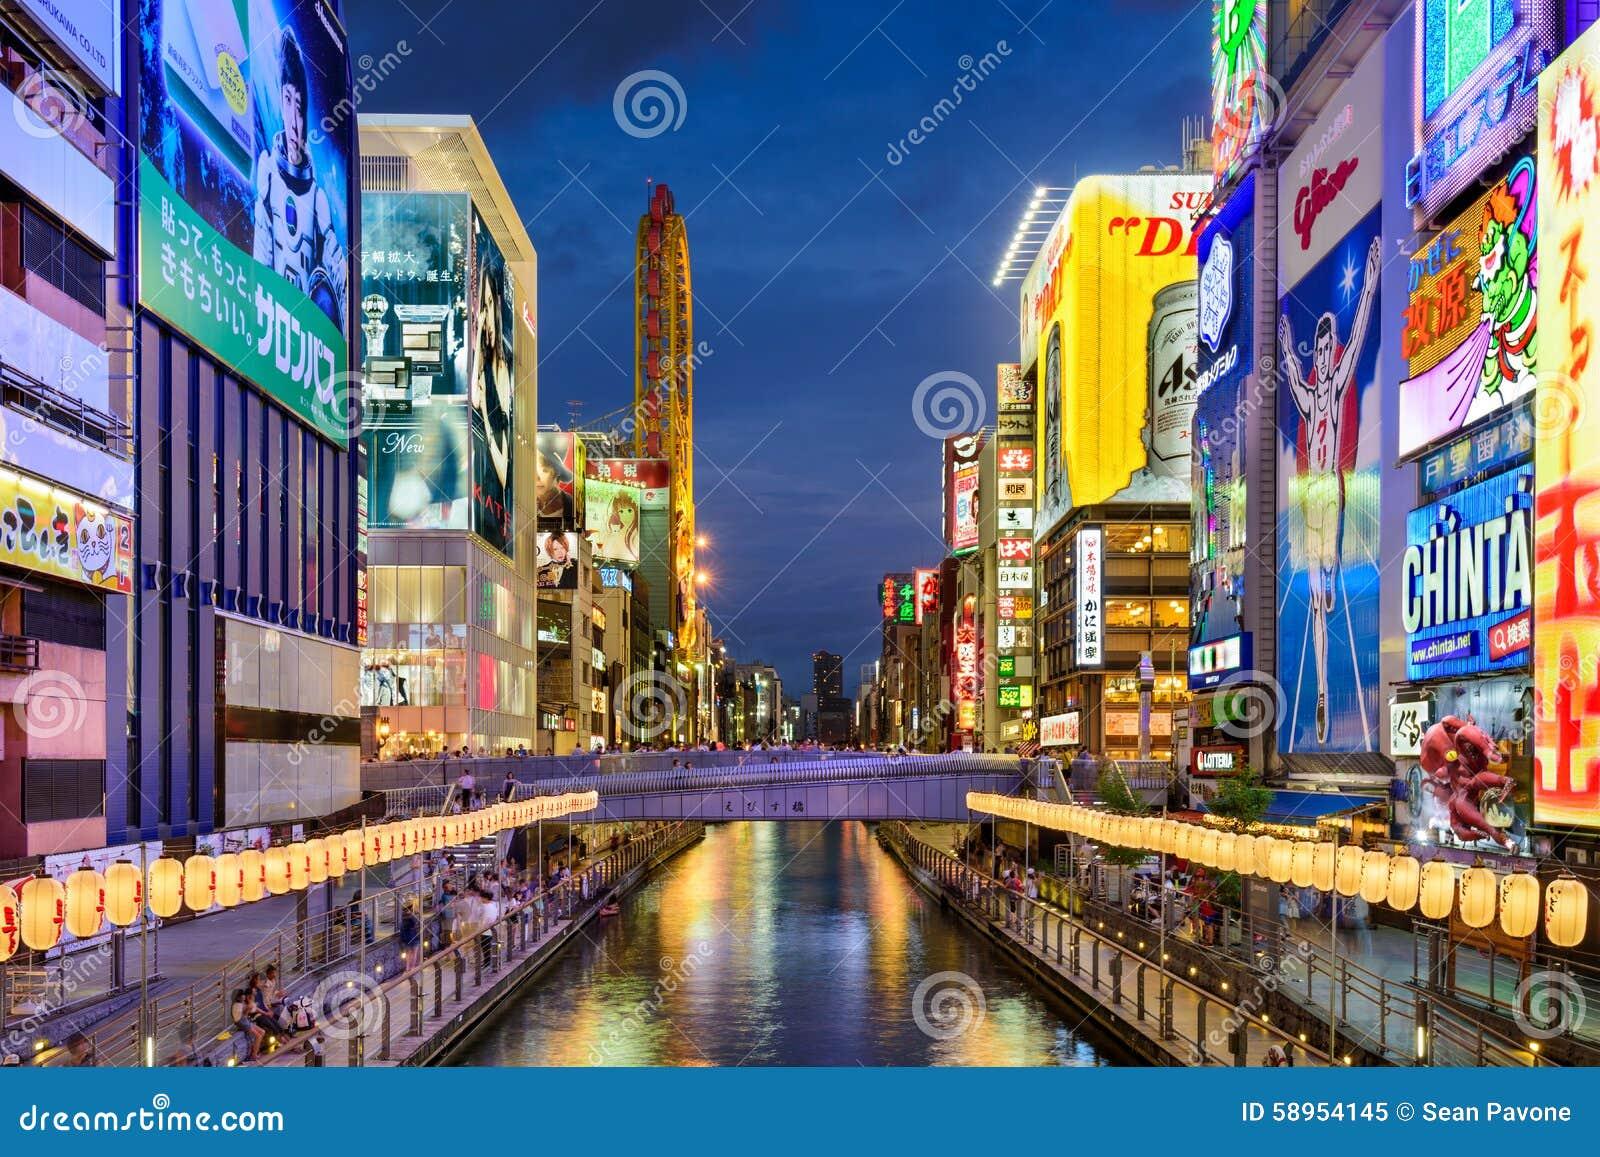 Osaka dating